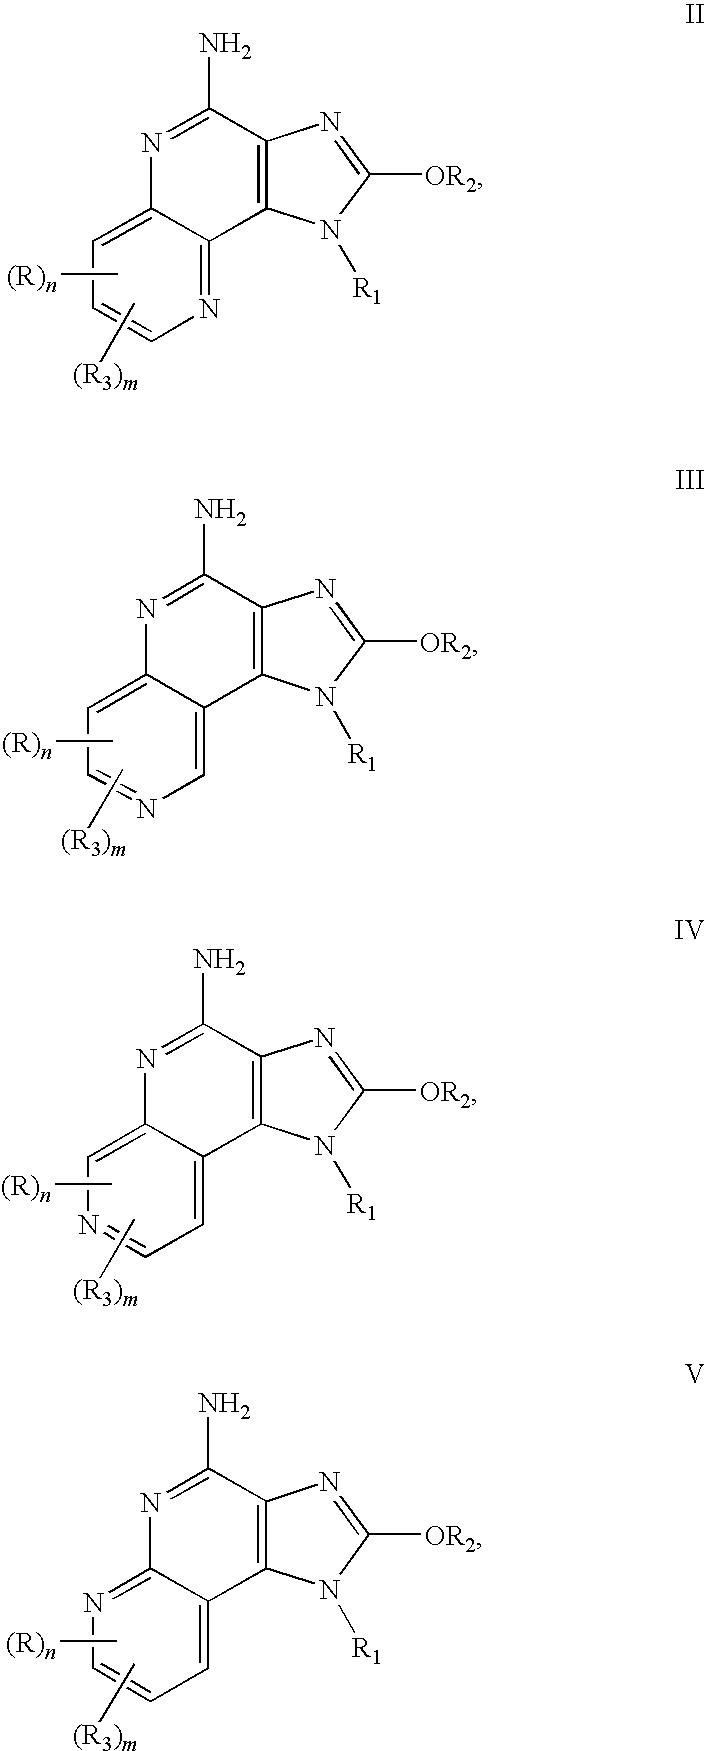 Figure US20090298821A1-20091203-C00010